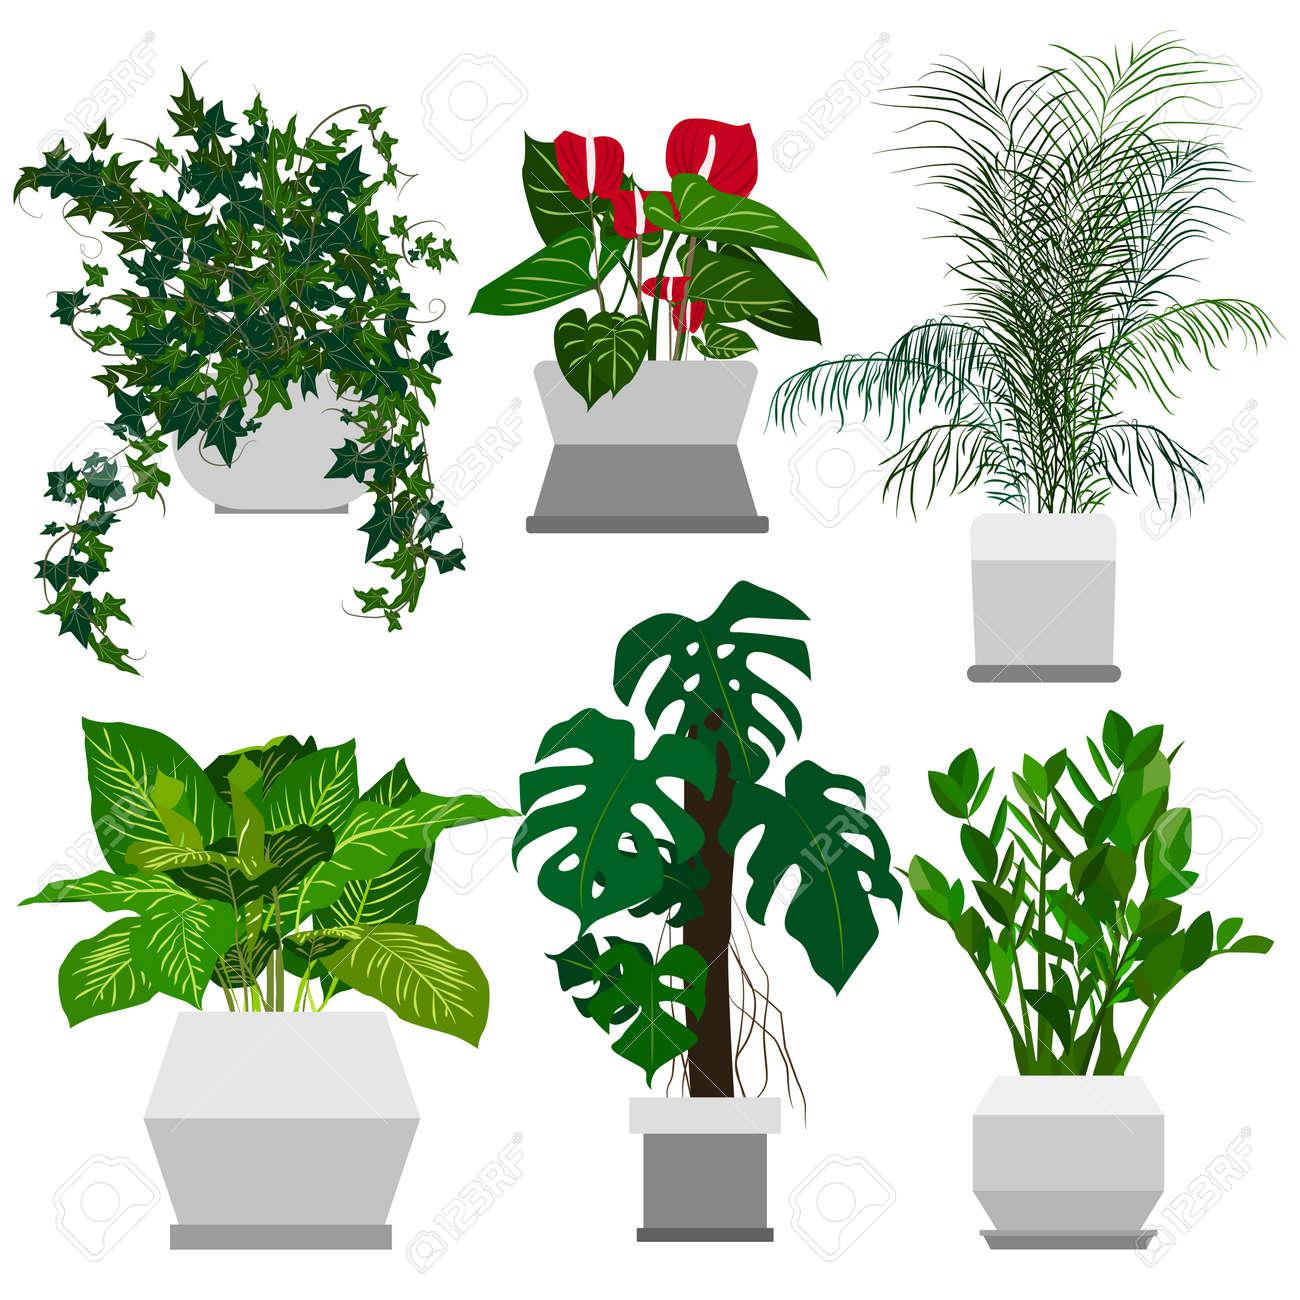 conjunto de plantas de interior en macetas inicio flores hechas en estilo plano ilustracin